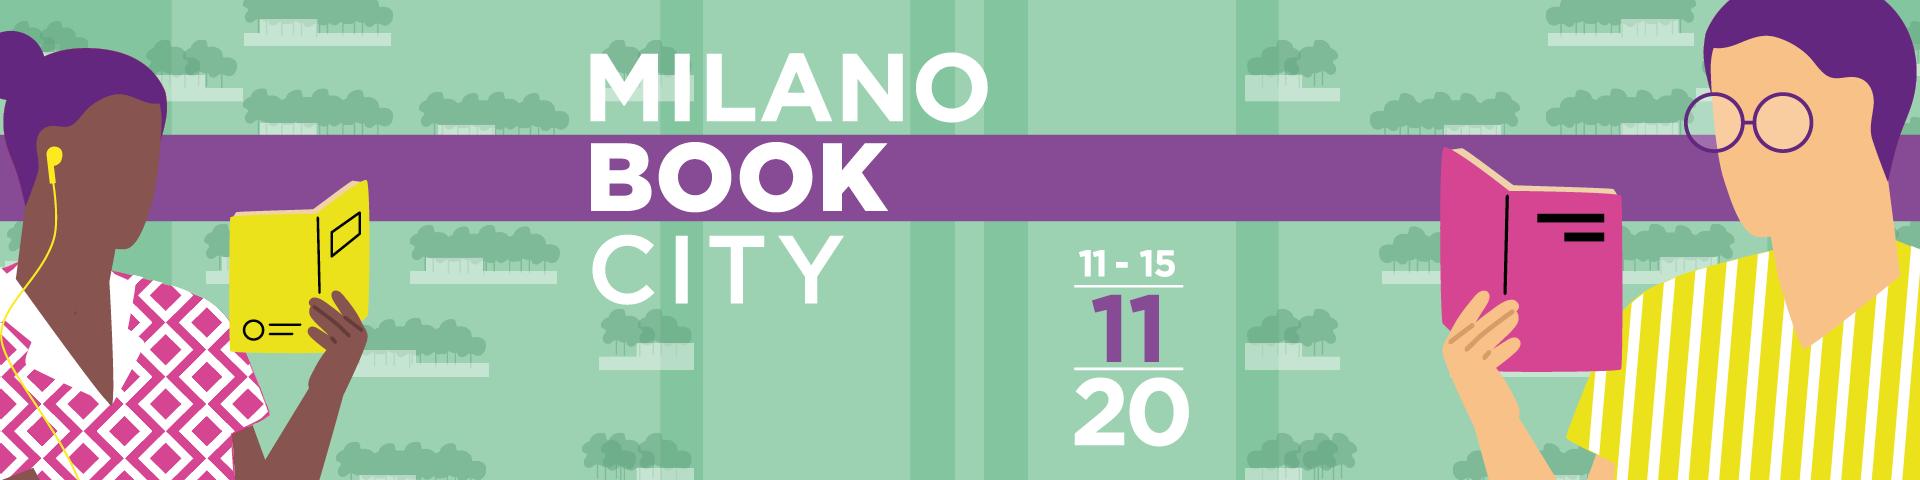 450 eventi e 900 ospiti. Bookcity Milano non si ferma e corre sul digitale